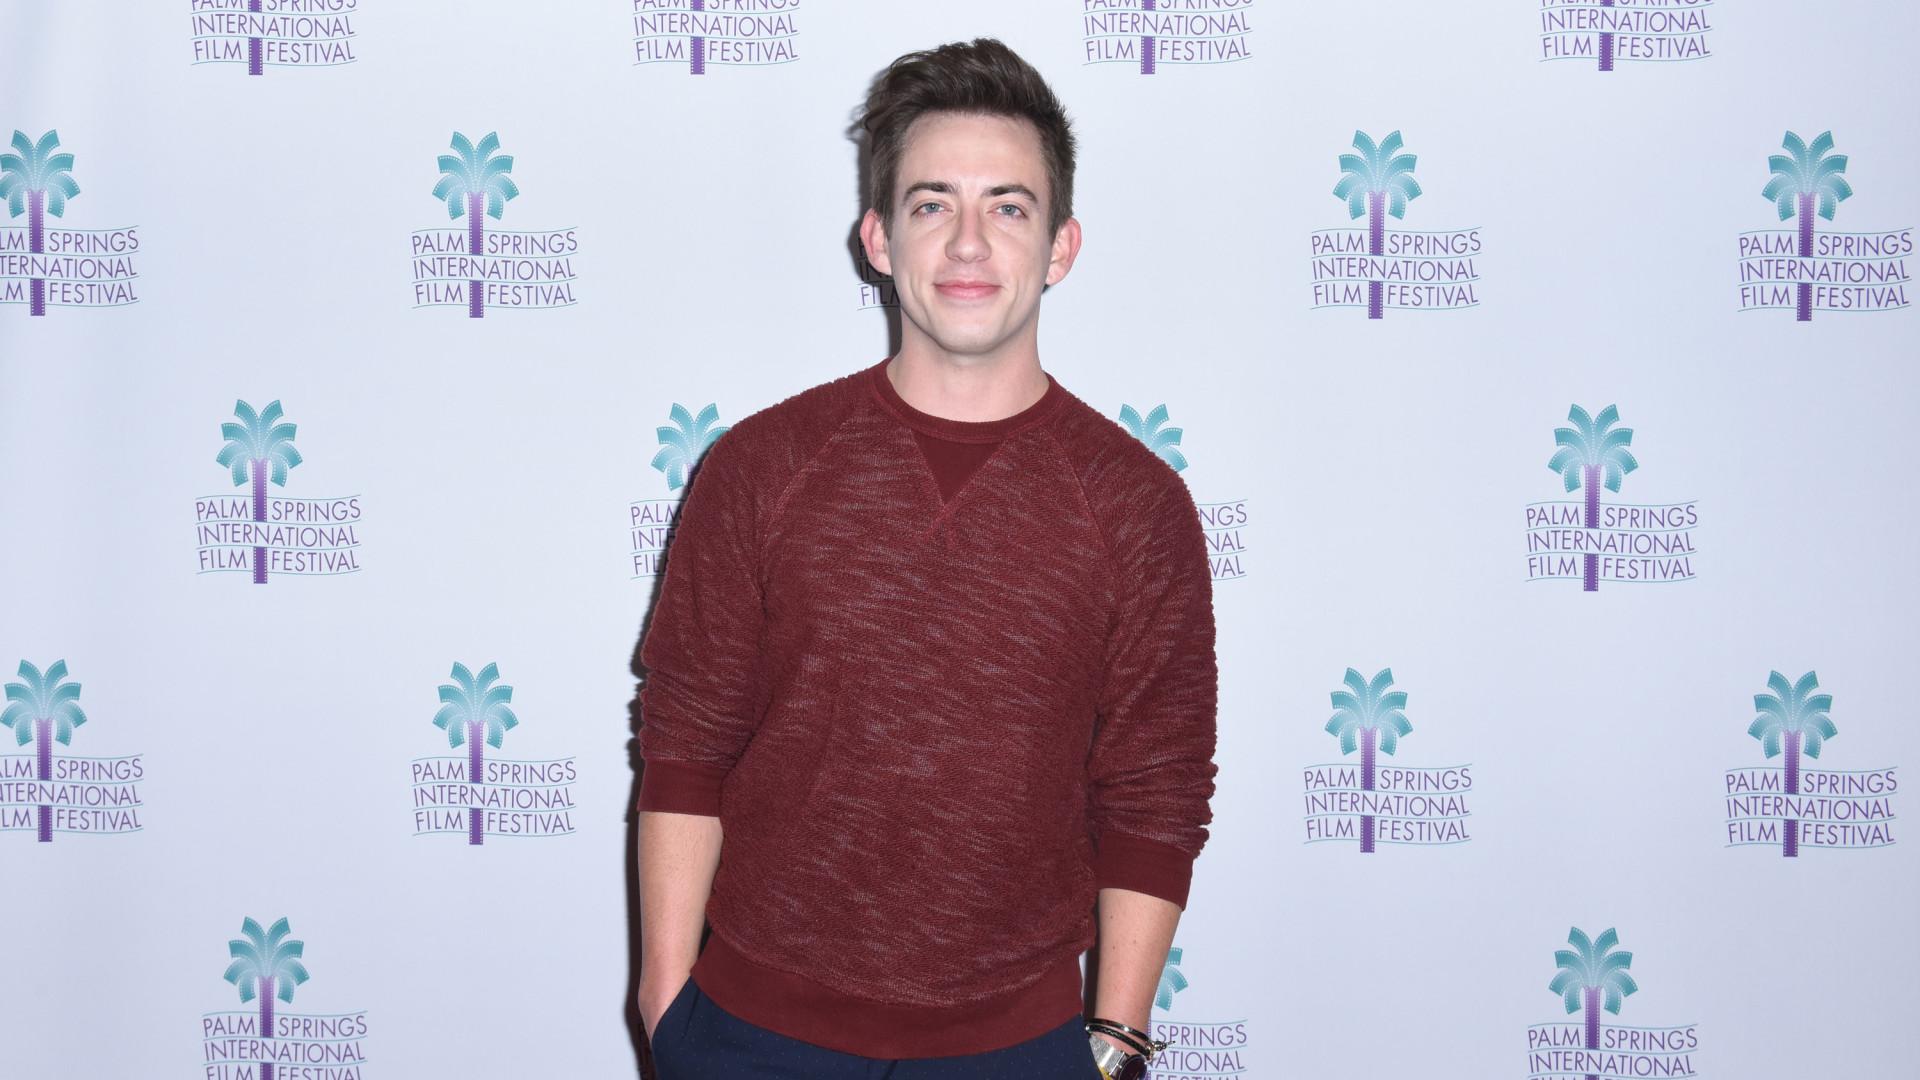 Ator de 'Glee' assume que é gay ao comparar-se a música de Ariana Grande